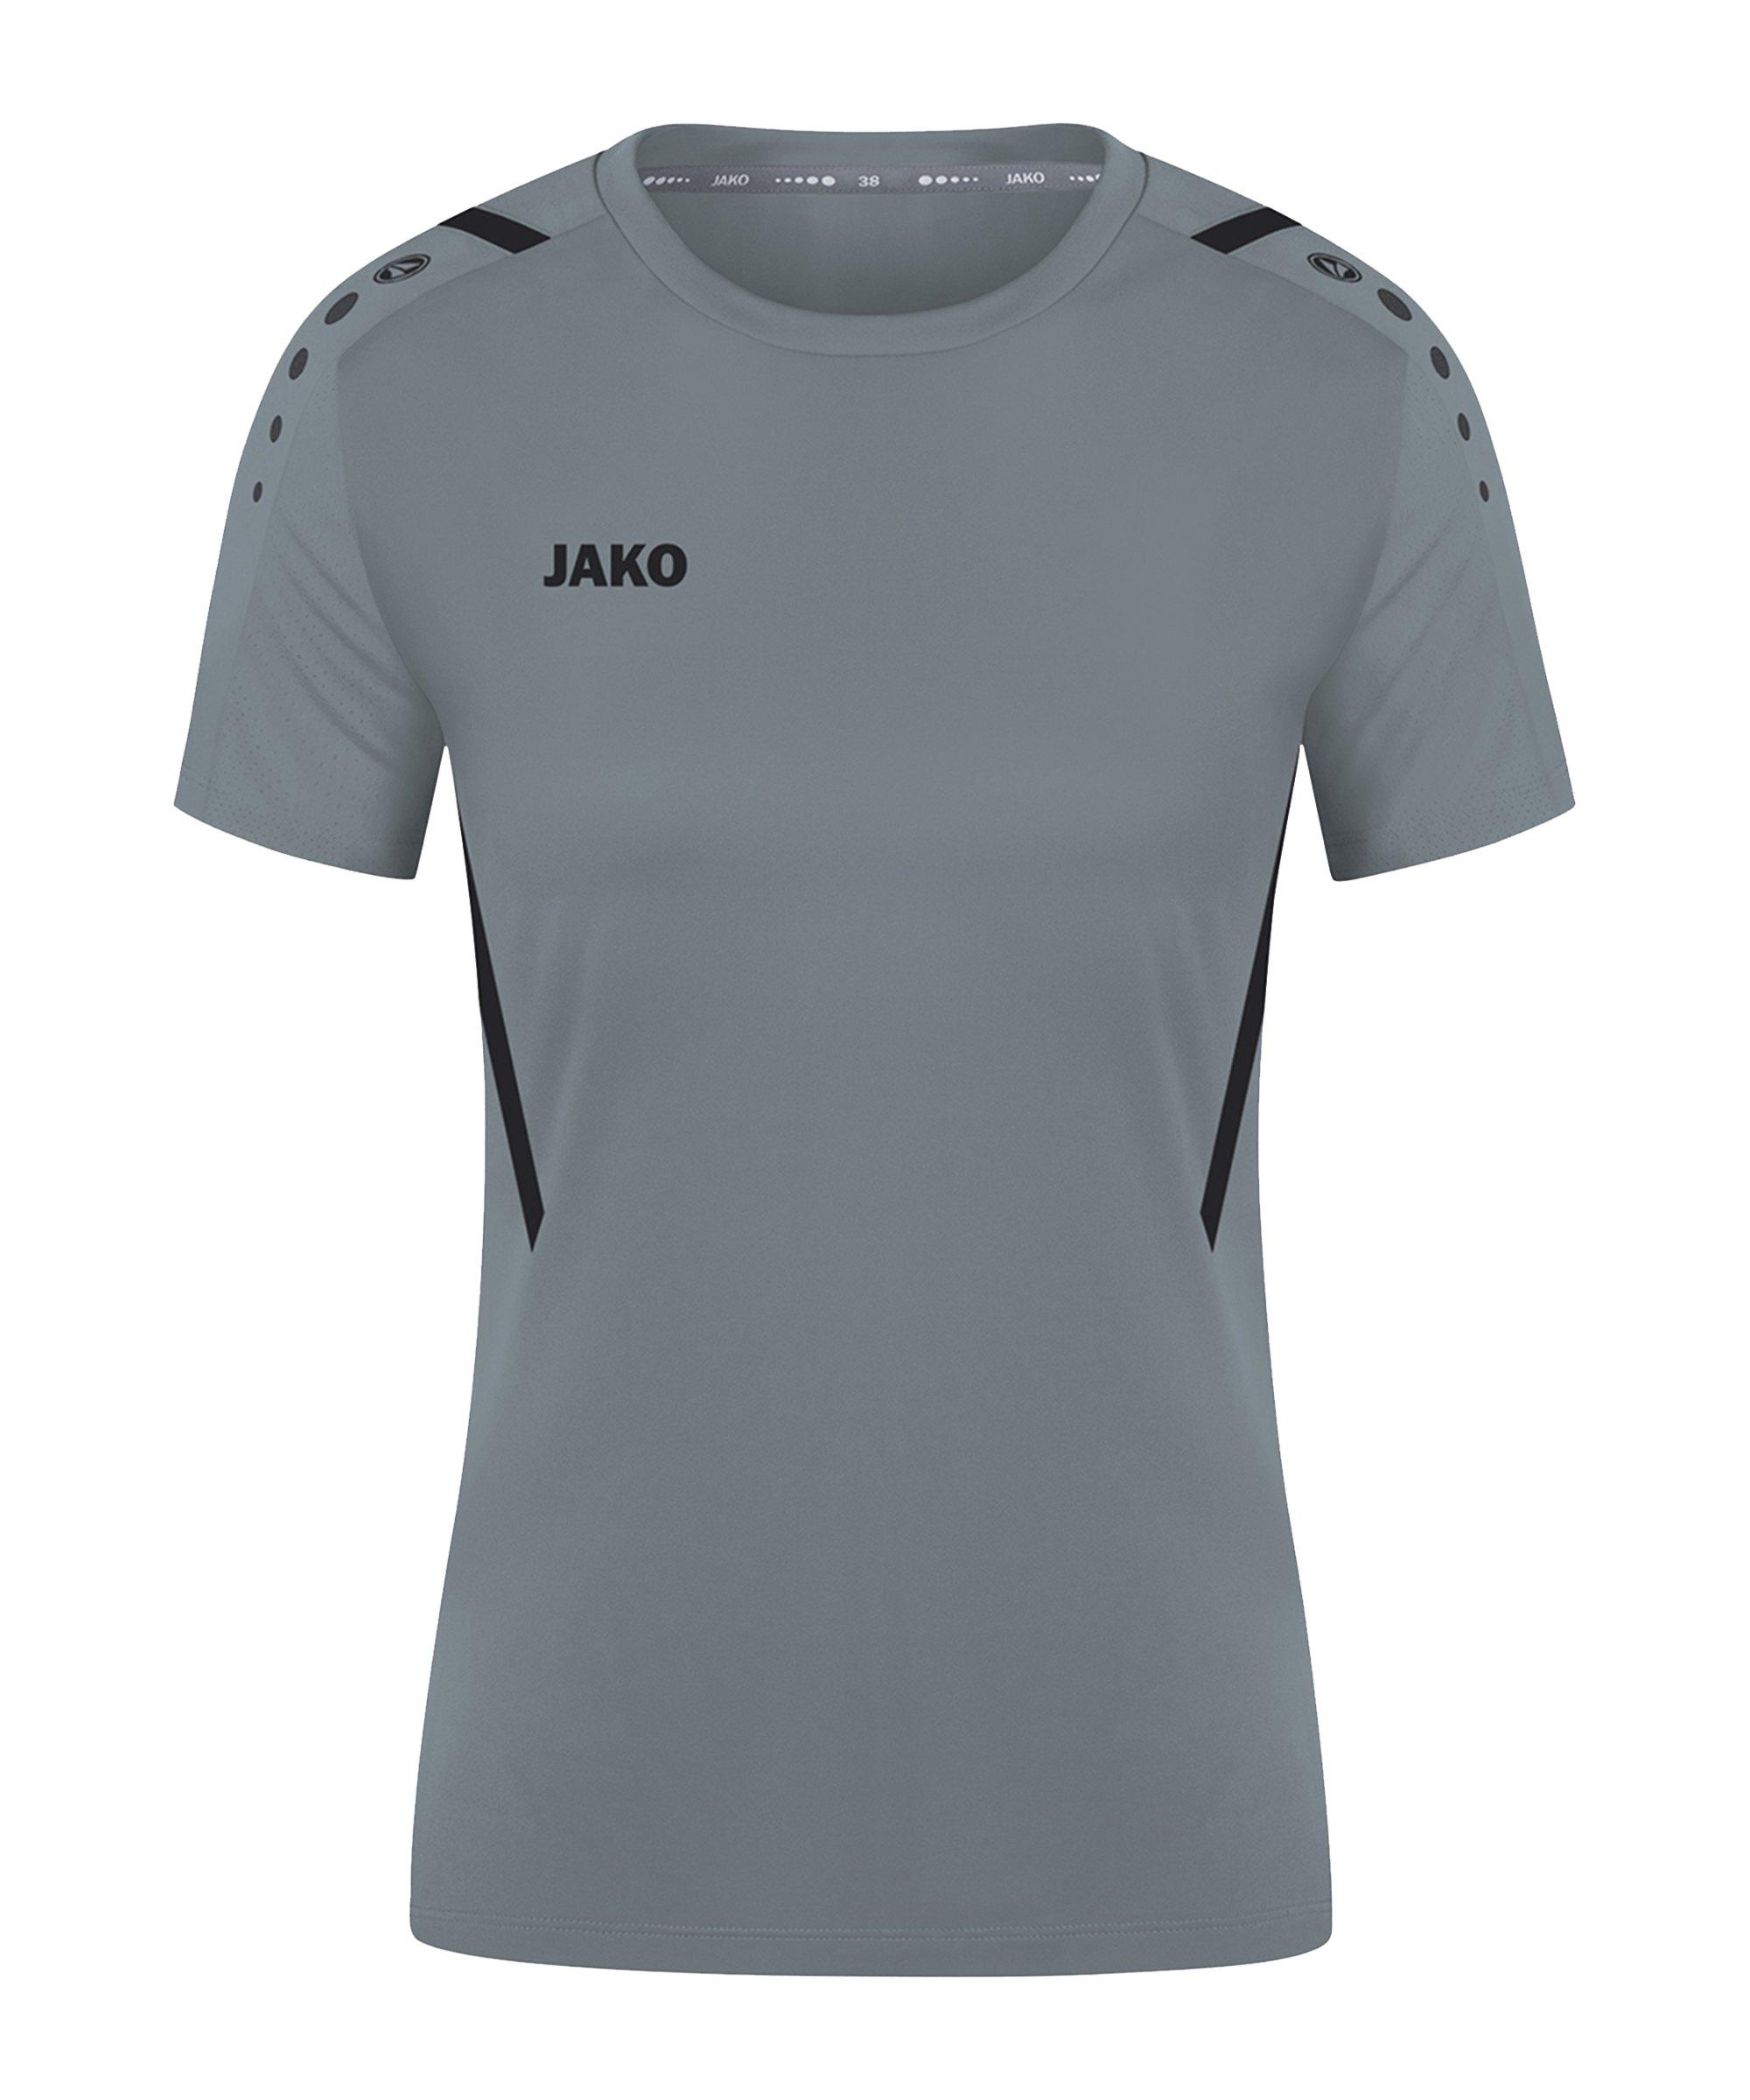 JAKO Challenge Trikot Damen Grau Schwarz F841 - grau